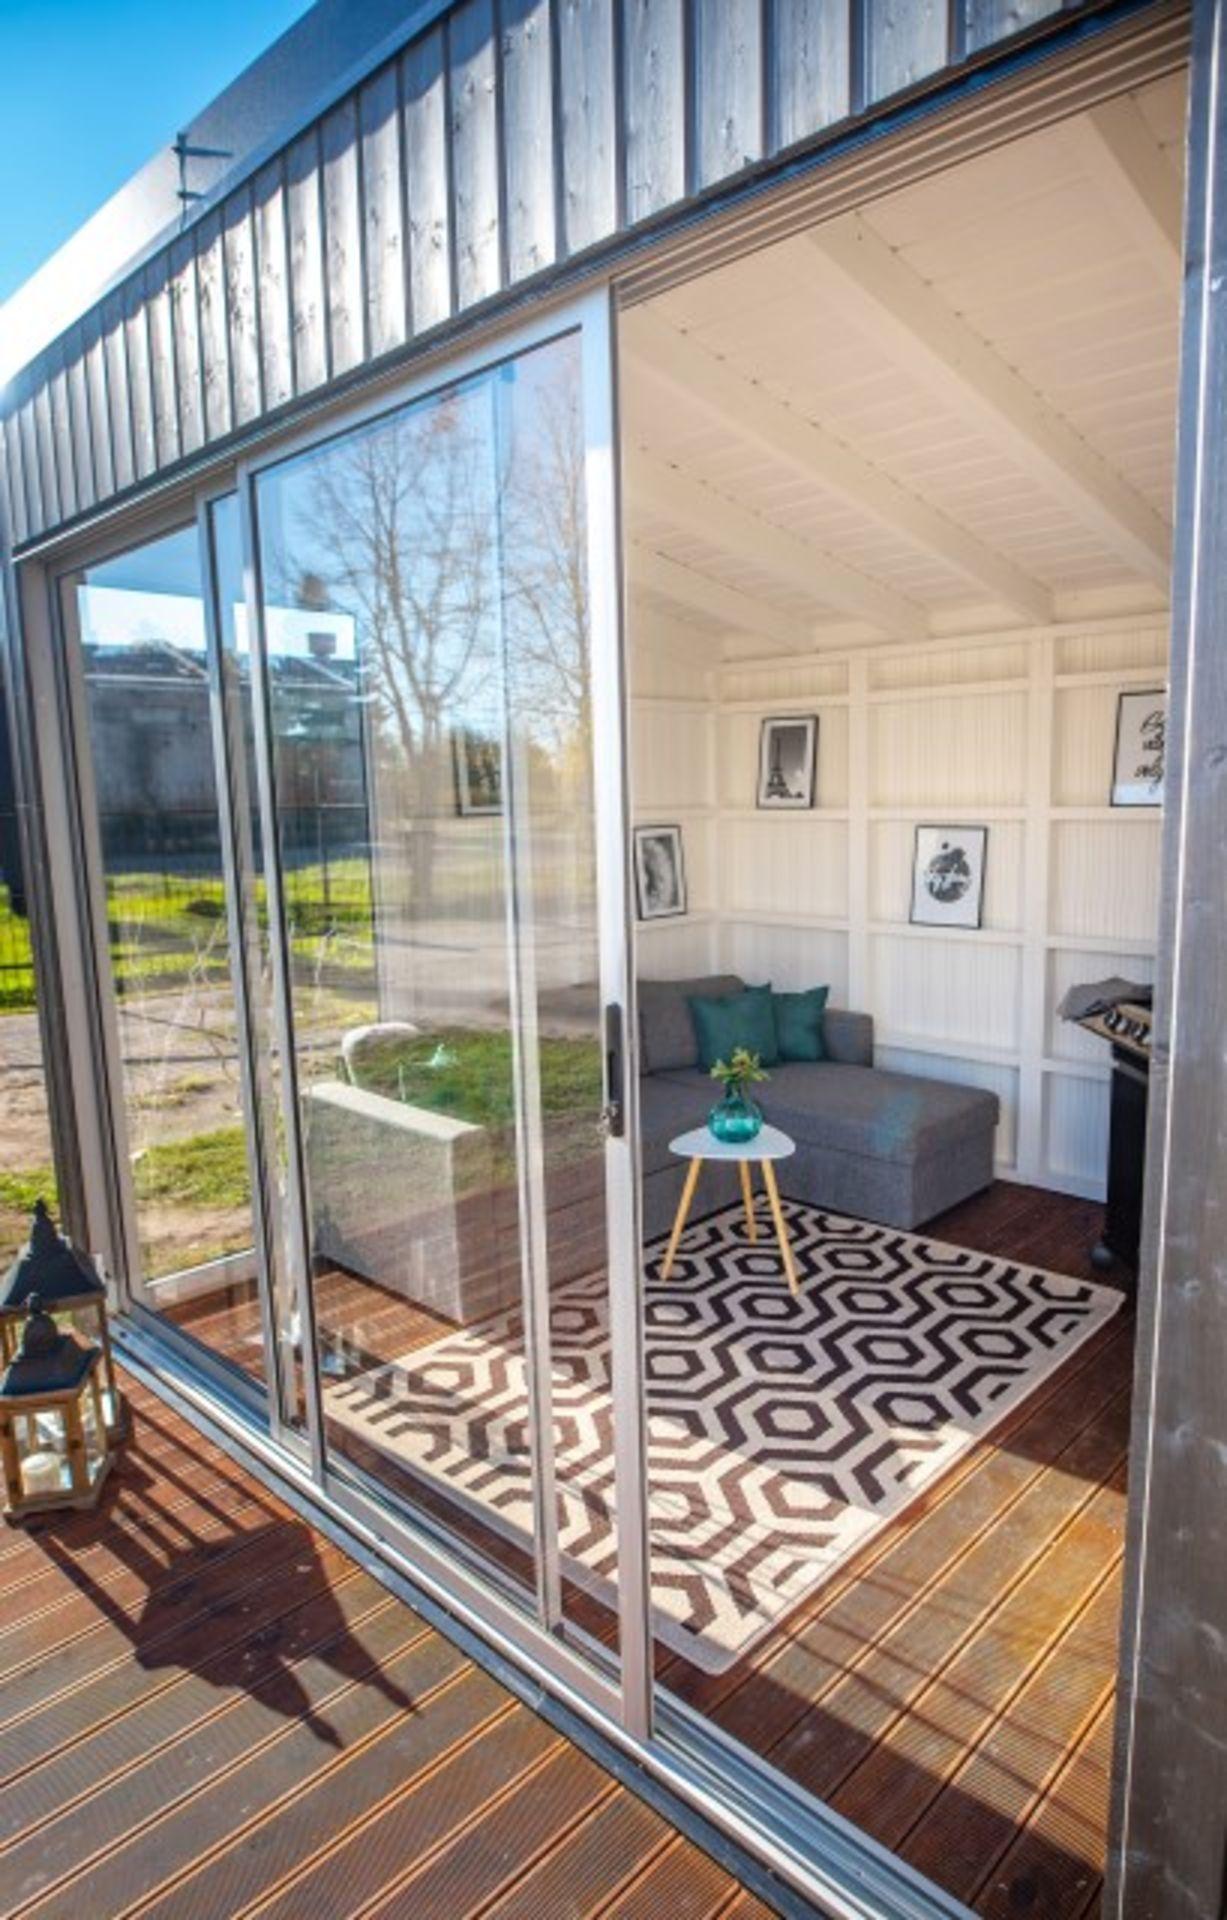 Lot 18007 - V Brand New Fantastic 3m x 3m Garden Cube With Triple Sliding Glass Doors - Full Floor To Ceiling